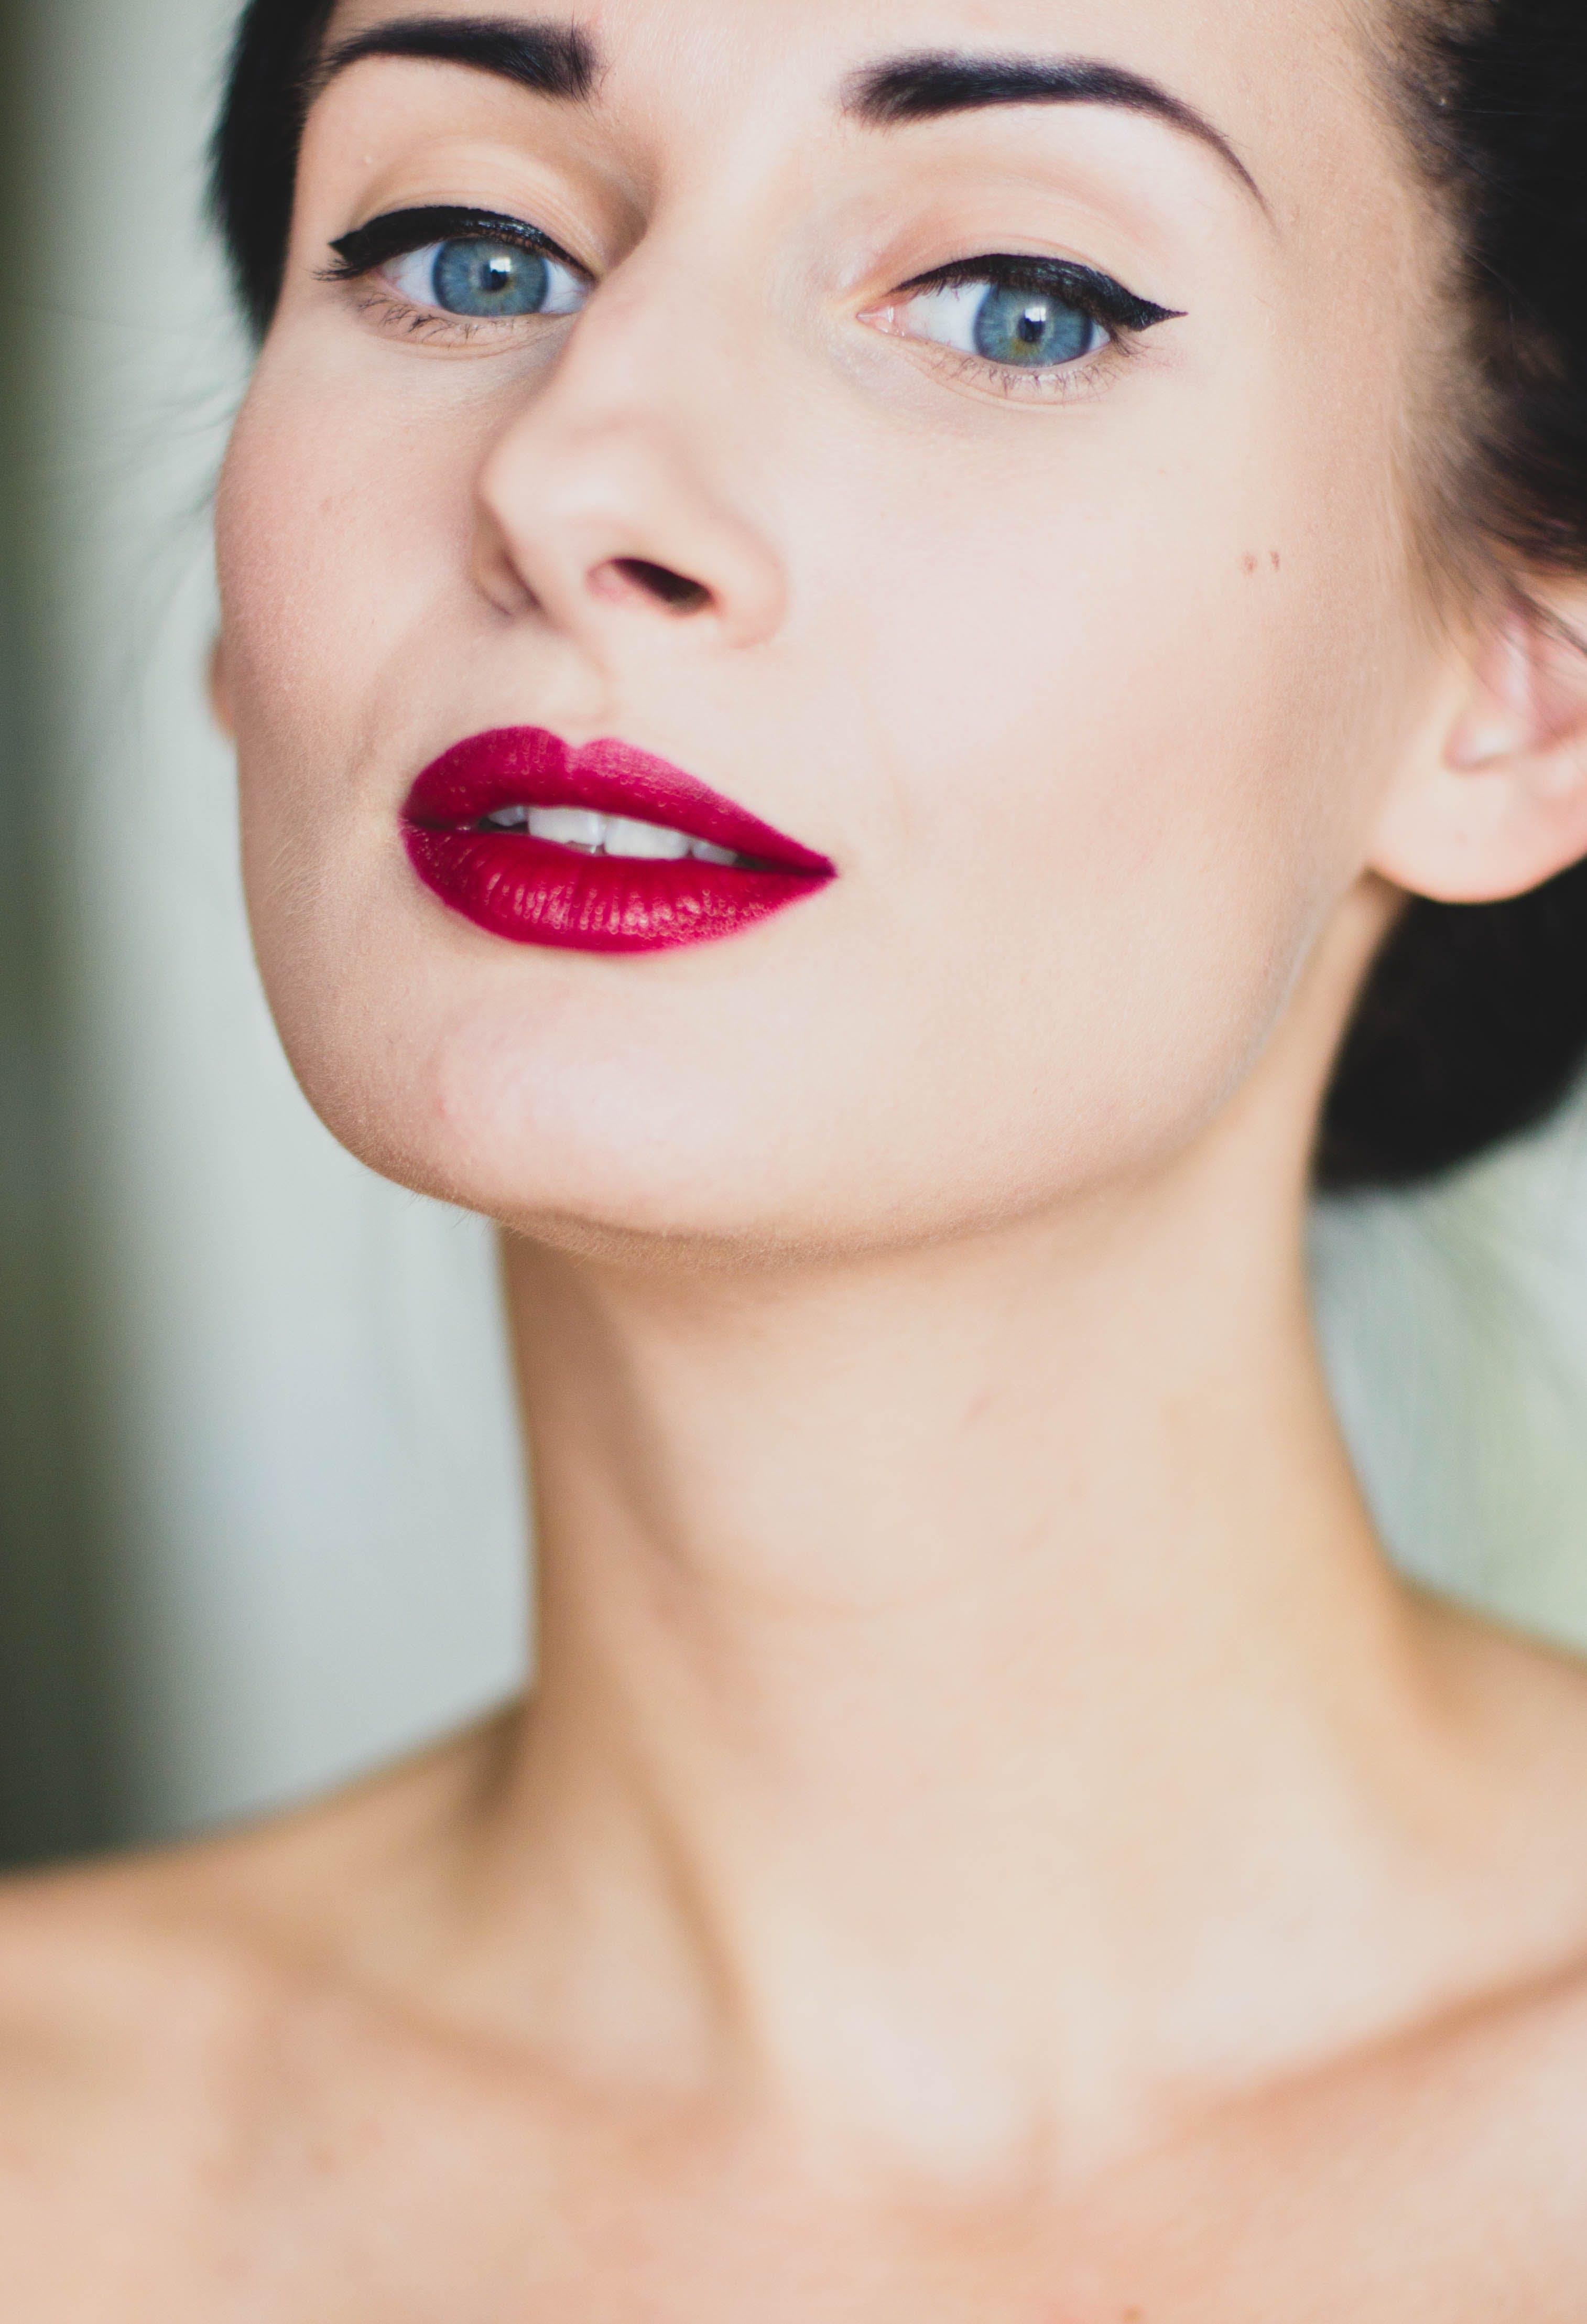 Woman Wearing Makeup Near Beige Wall